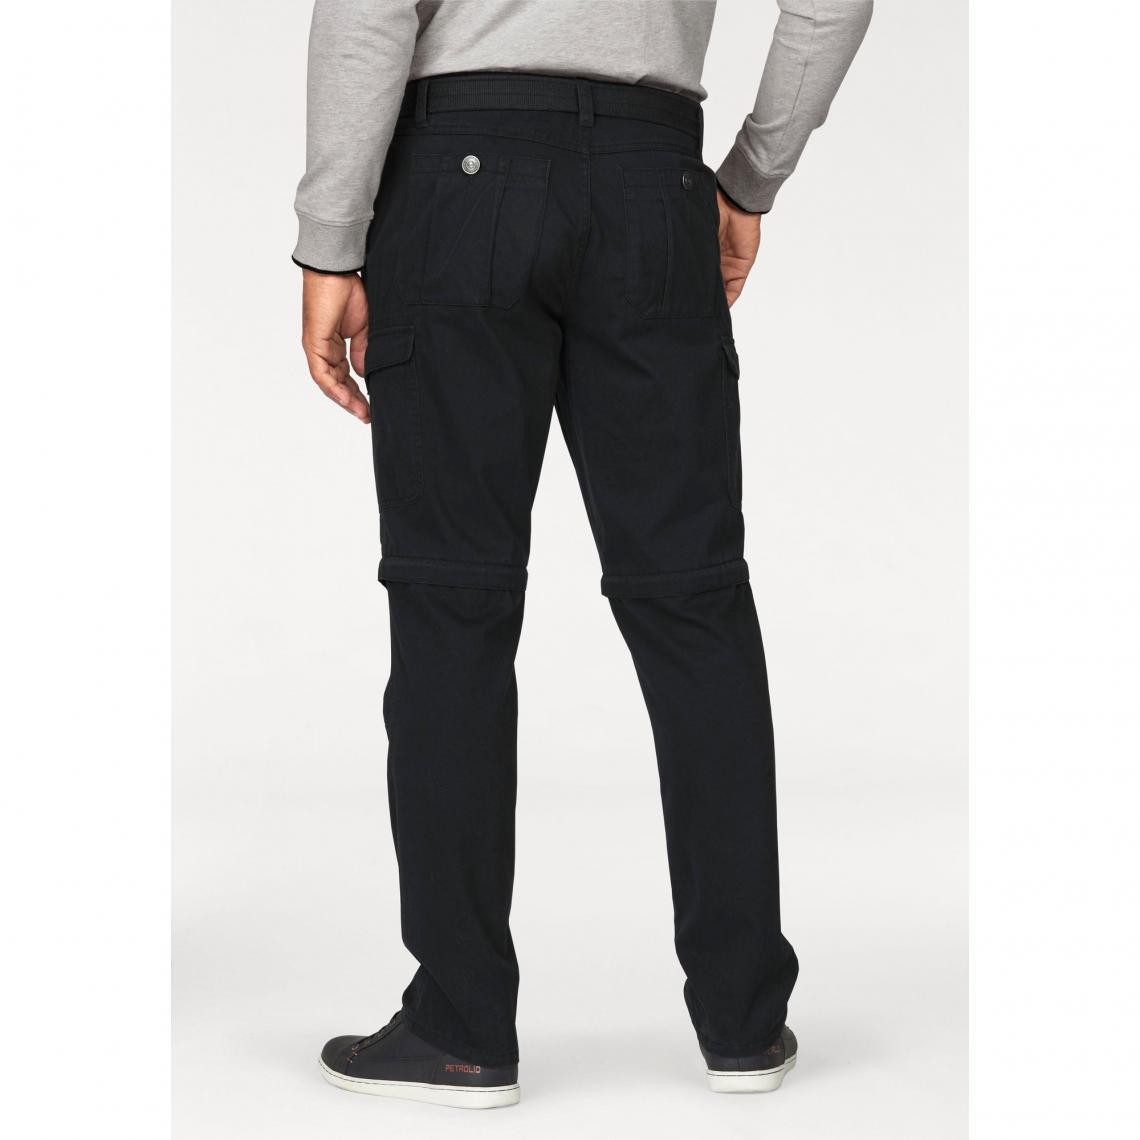 Pantalon 2 en 1 cargo avec ceinture homme Man s World - Noir   3Suisses e4574fabcd1